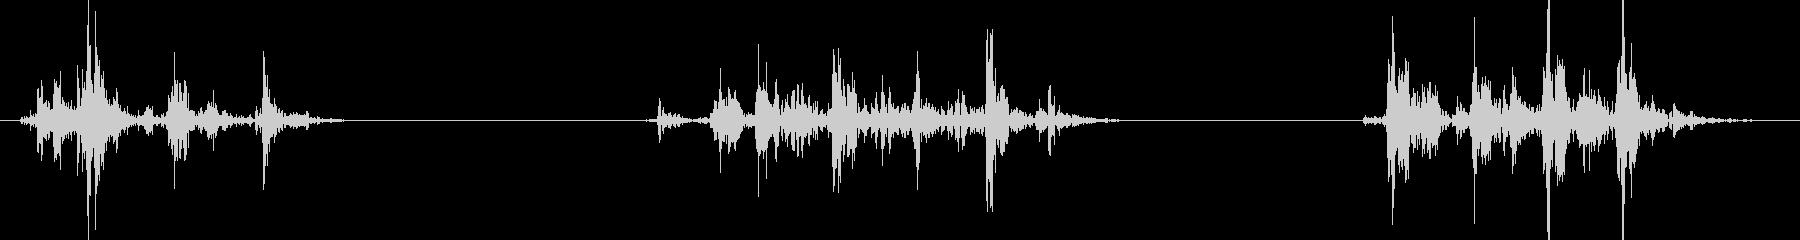 (ガチャ)ドアノブを強引に回そうとする音の未再生の波形